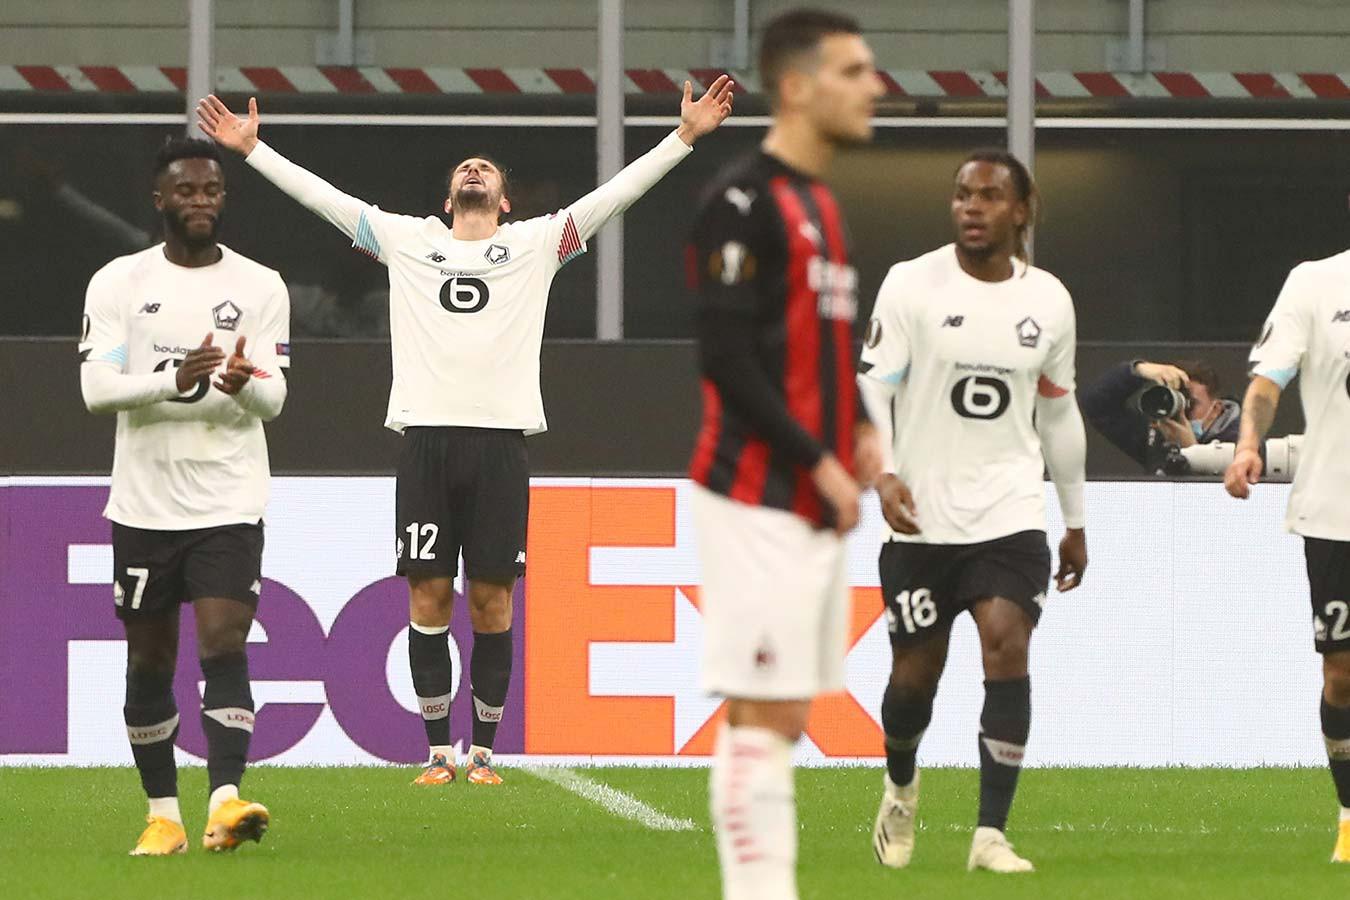 Турецкий игрок «Лилля» установил исторический еврокубковый рекорд